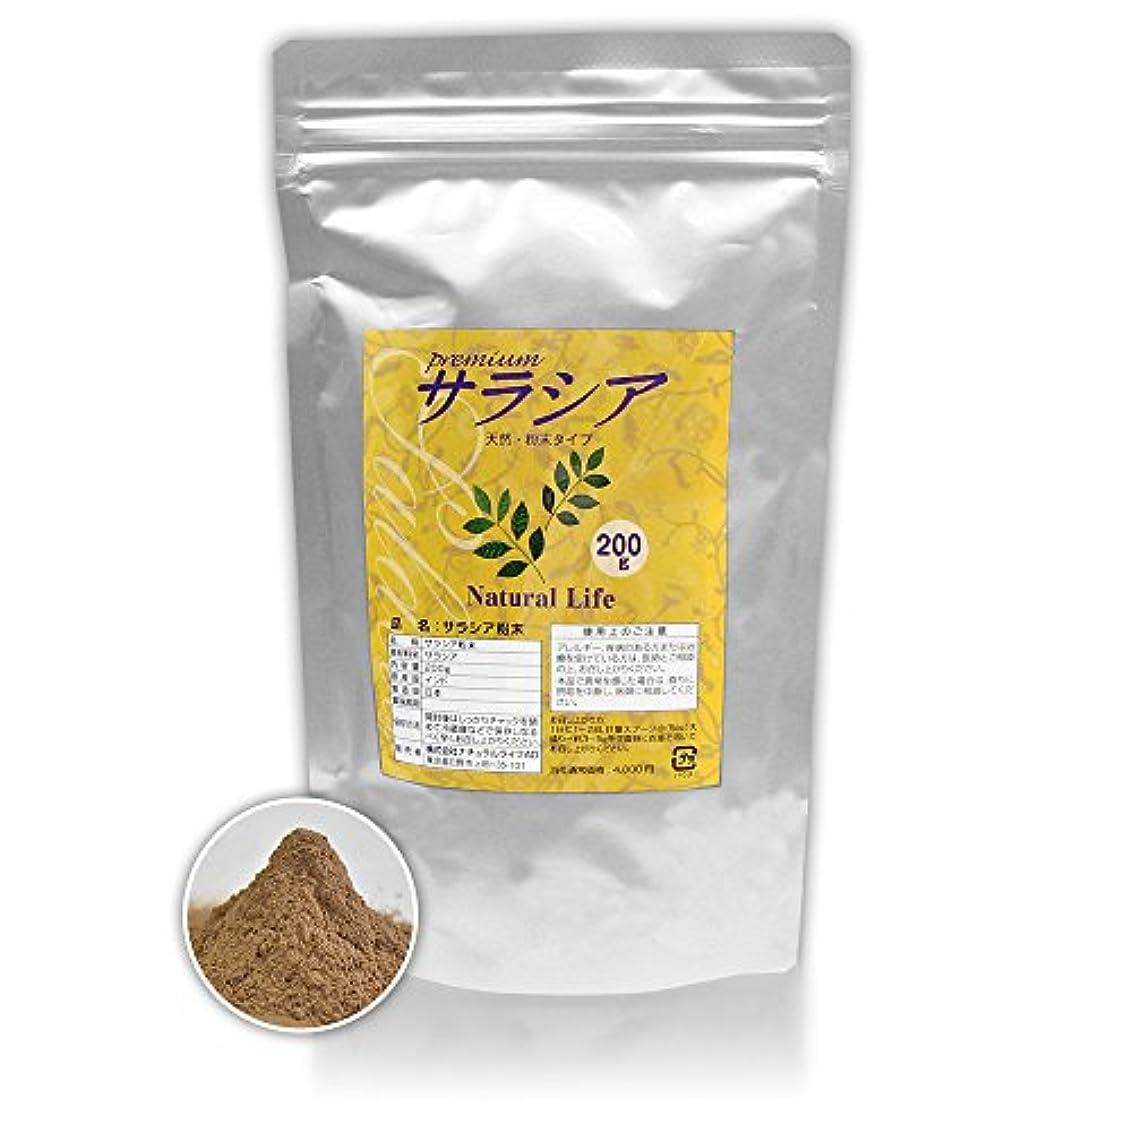 告白しおれた魚サラシア粉末[200g]天然ピュア原料(無添加)健康食品(さらしあ,レティキュラータ)